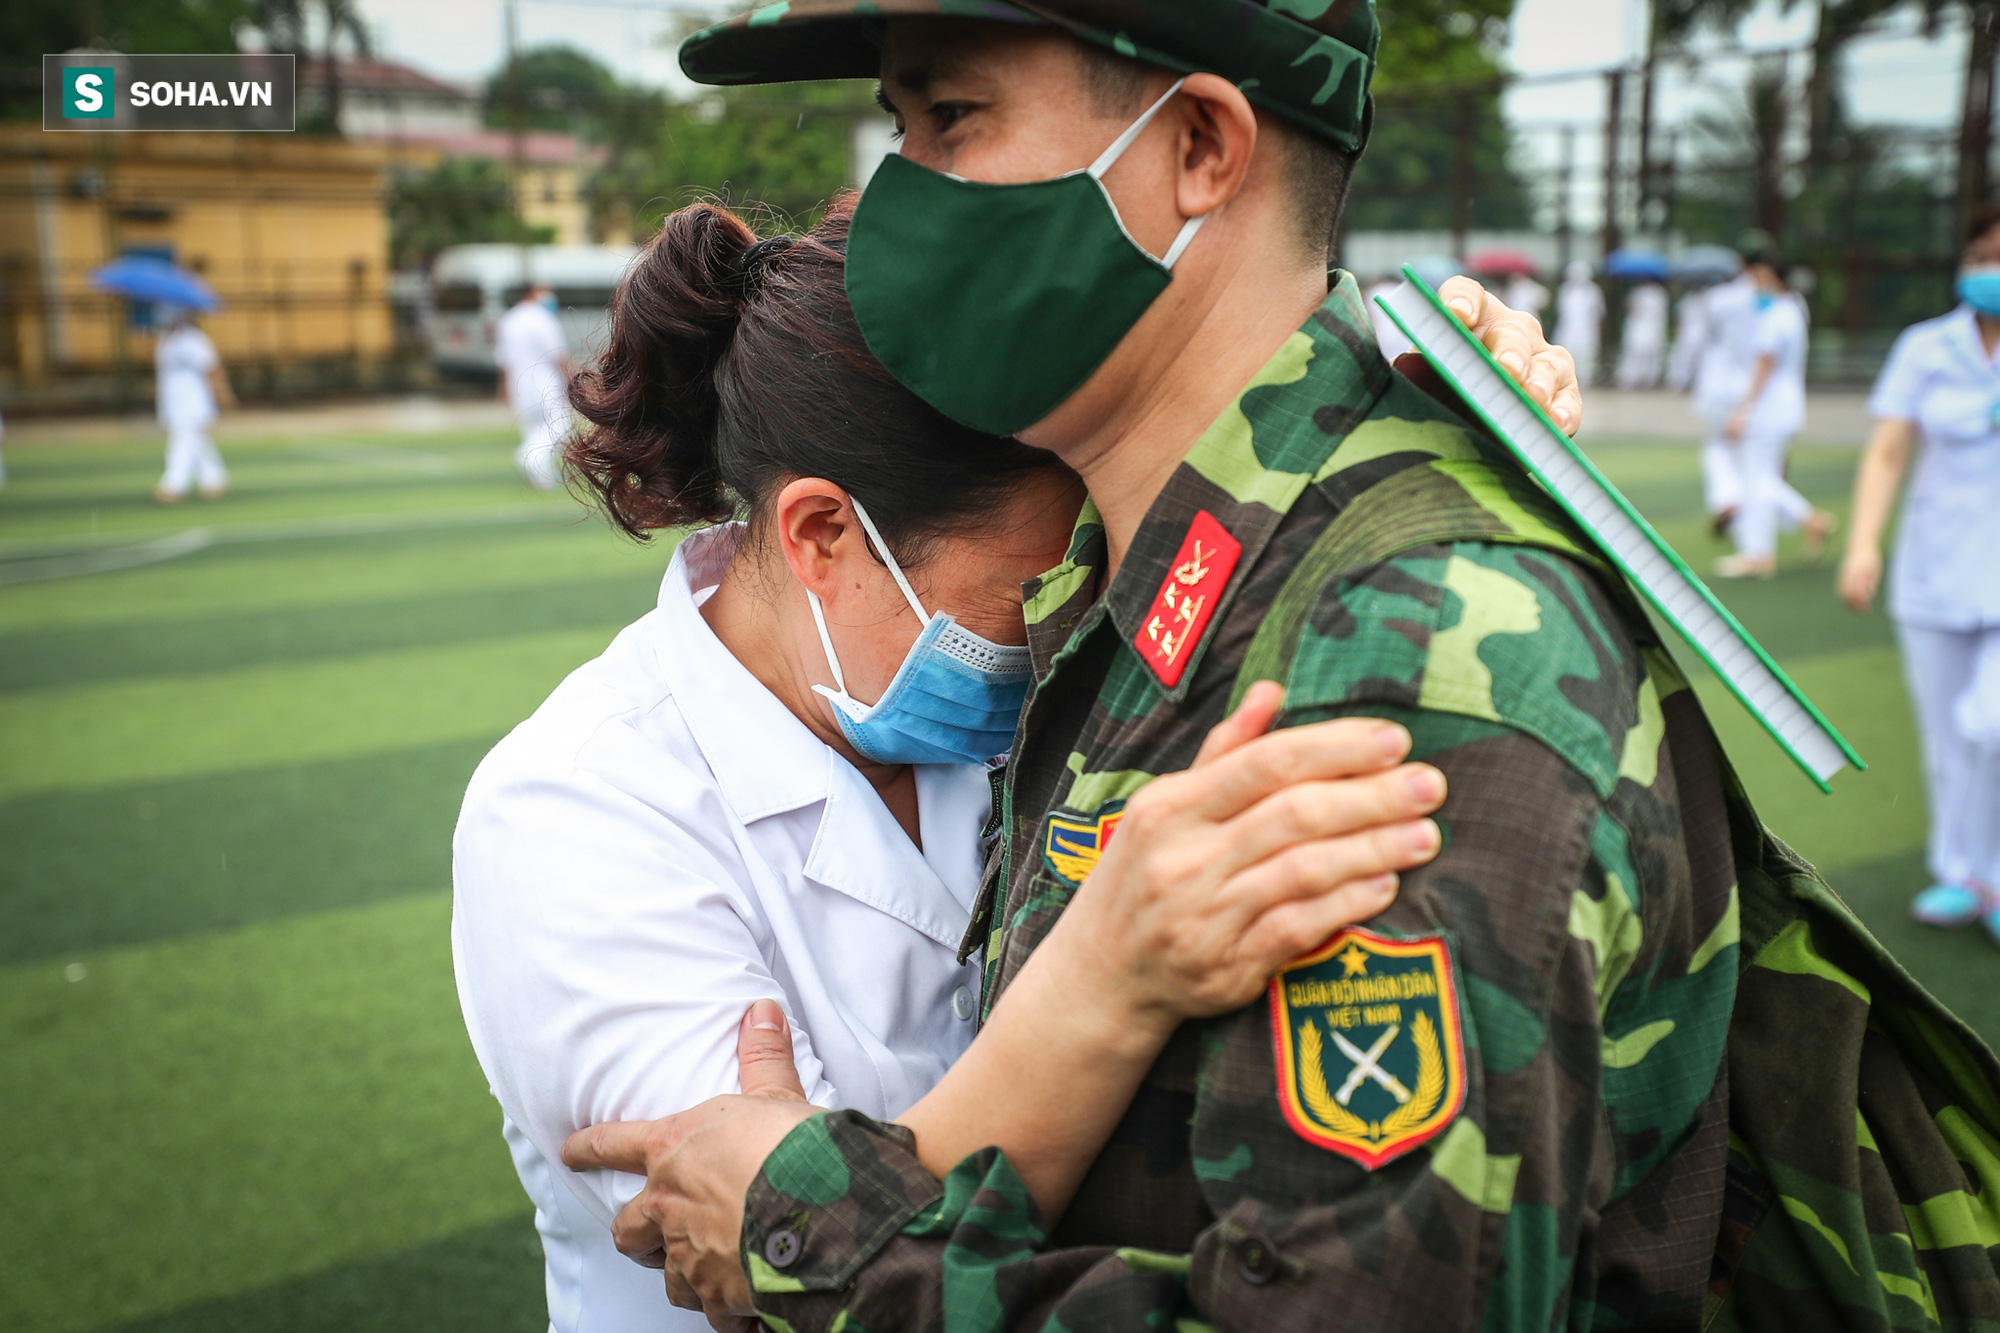 Khoảnh khắc xúc động của 130 y bác sĩ lên đường chi viện cho miền Nam chống dịch - Ảnh 9.